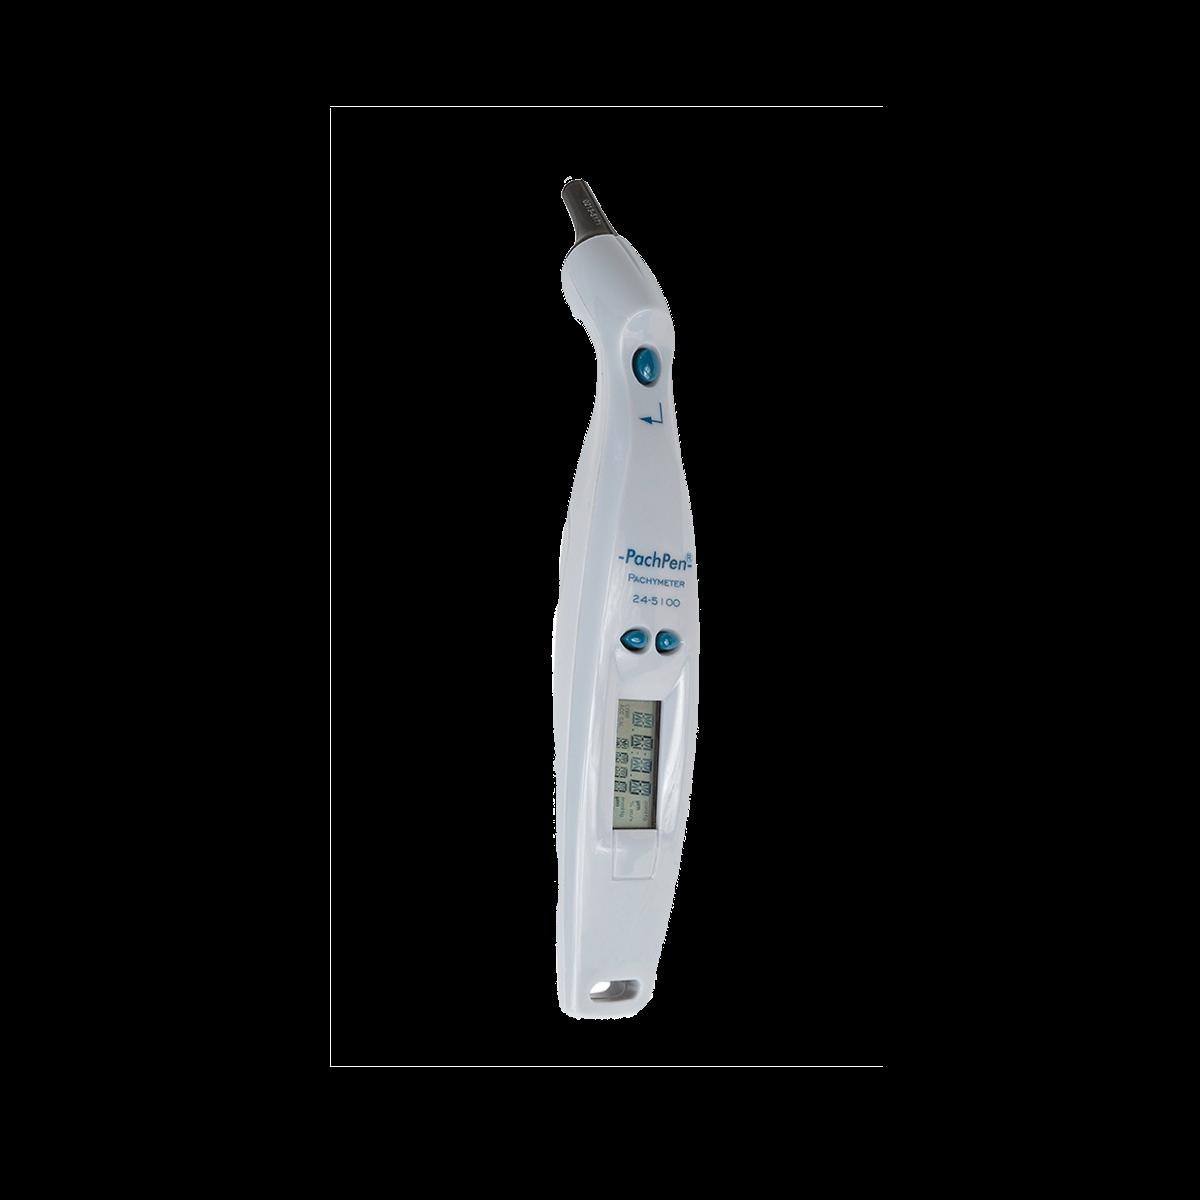 Pachymeters